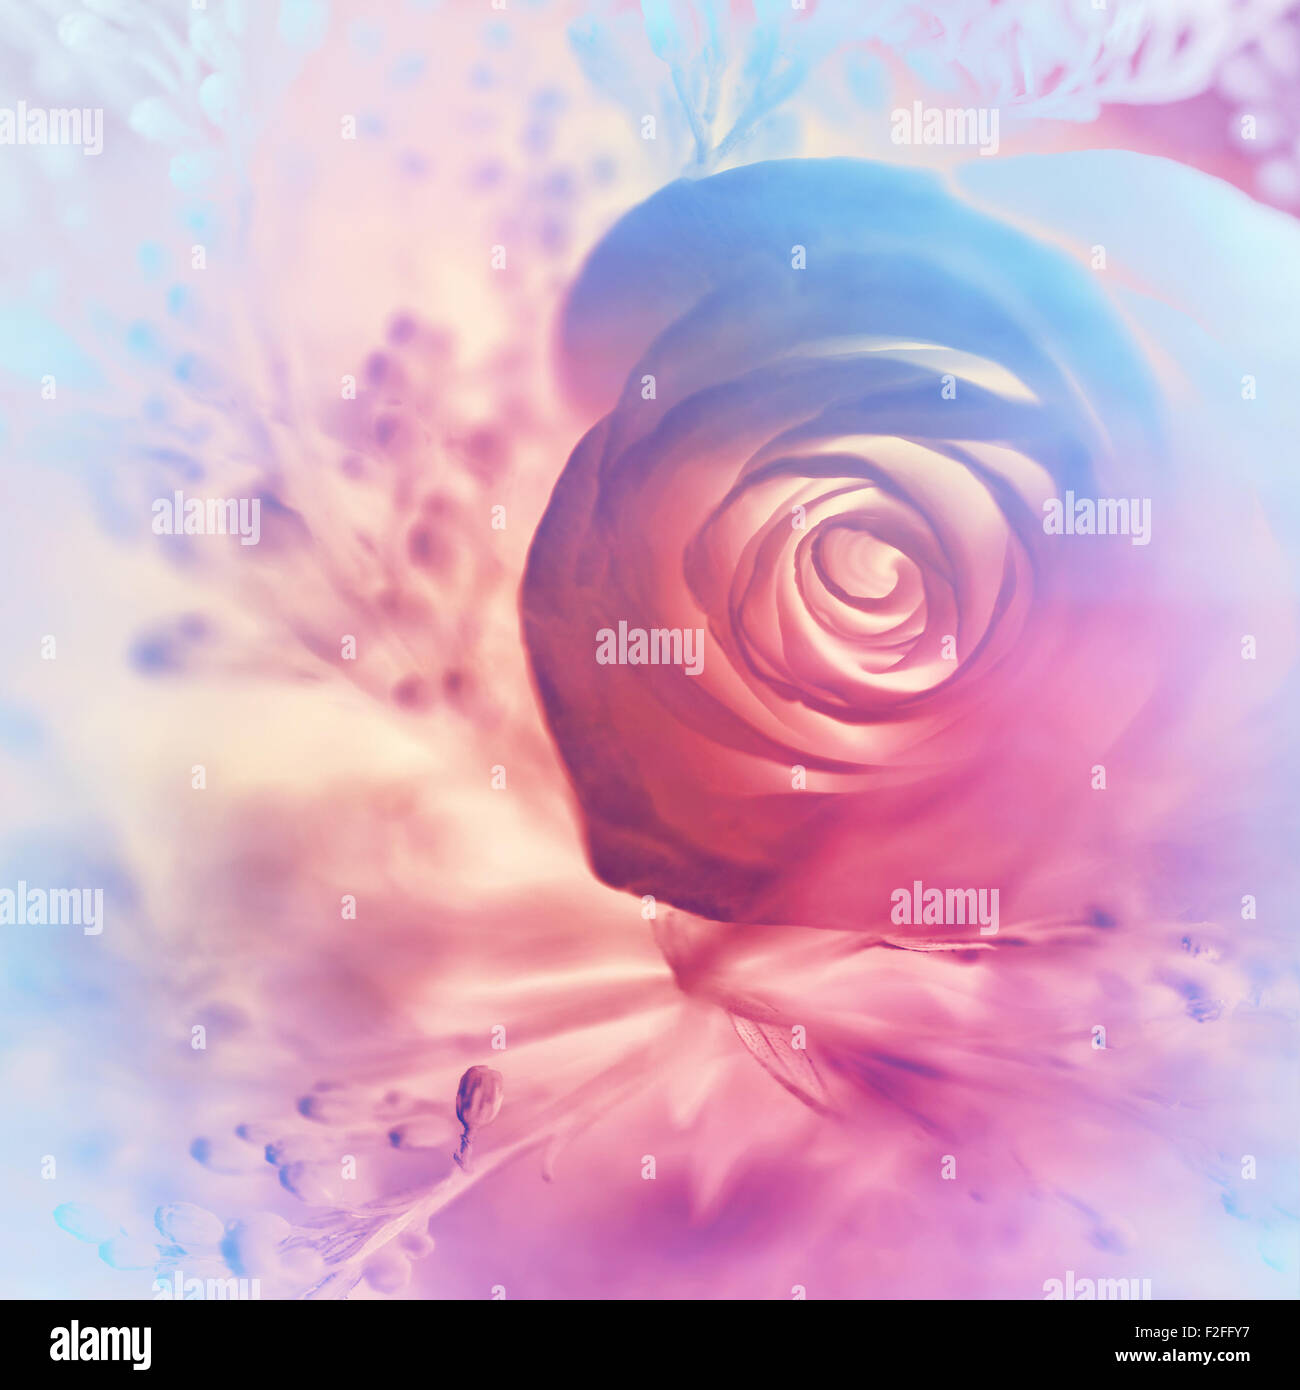 fond rose r u00eaveuse  r u00e9sum u00e9 rose et violet papier peint